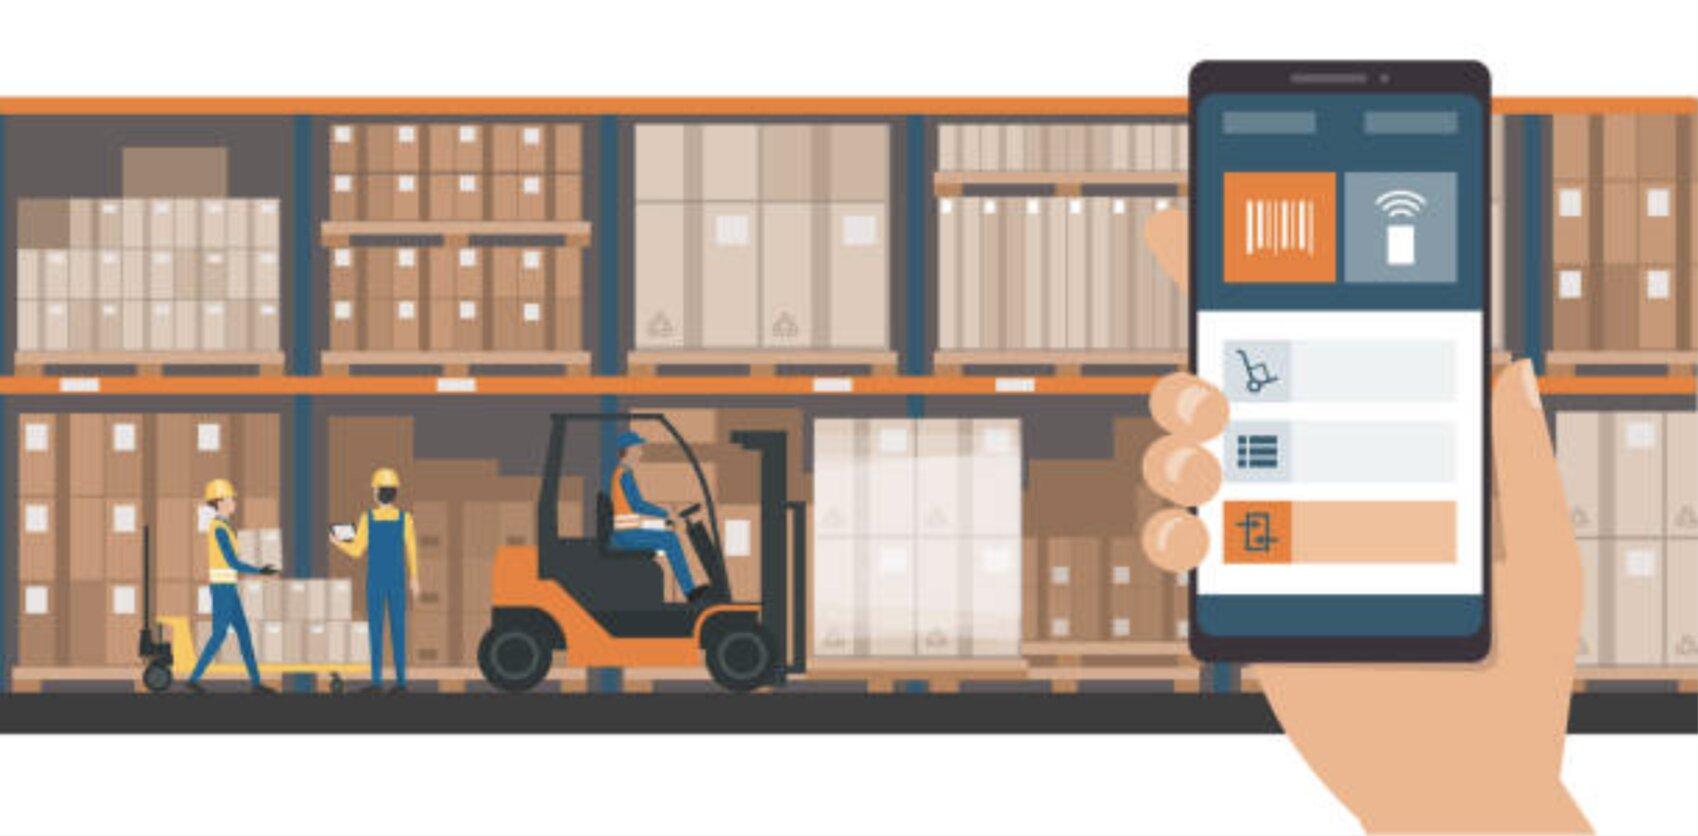 Gestor de almacenamiento y control de productos y ubicaciones